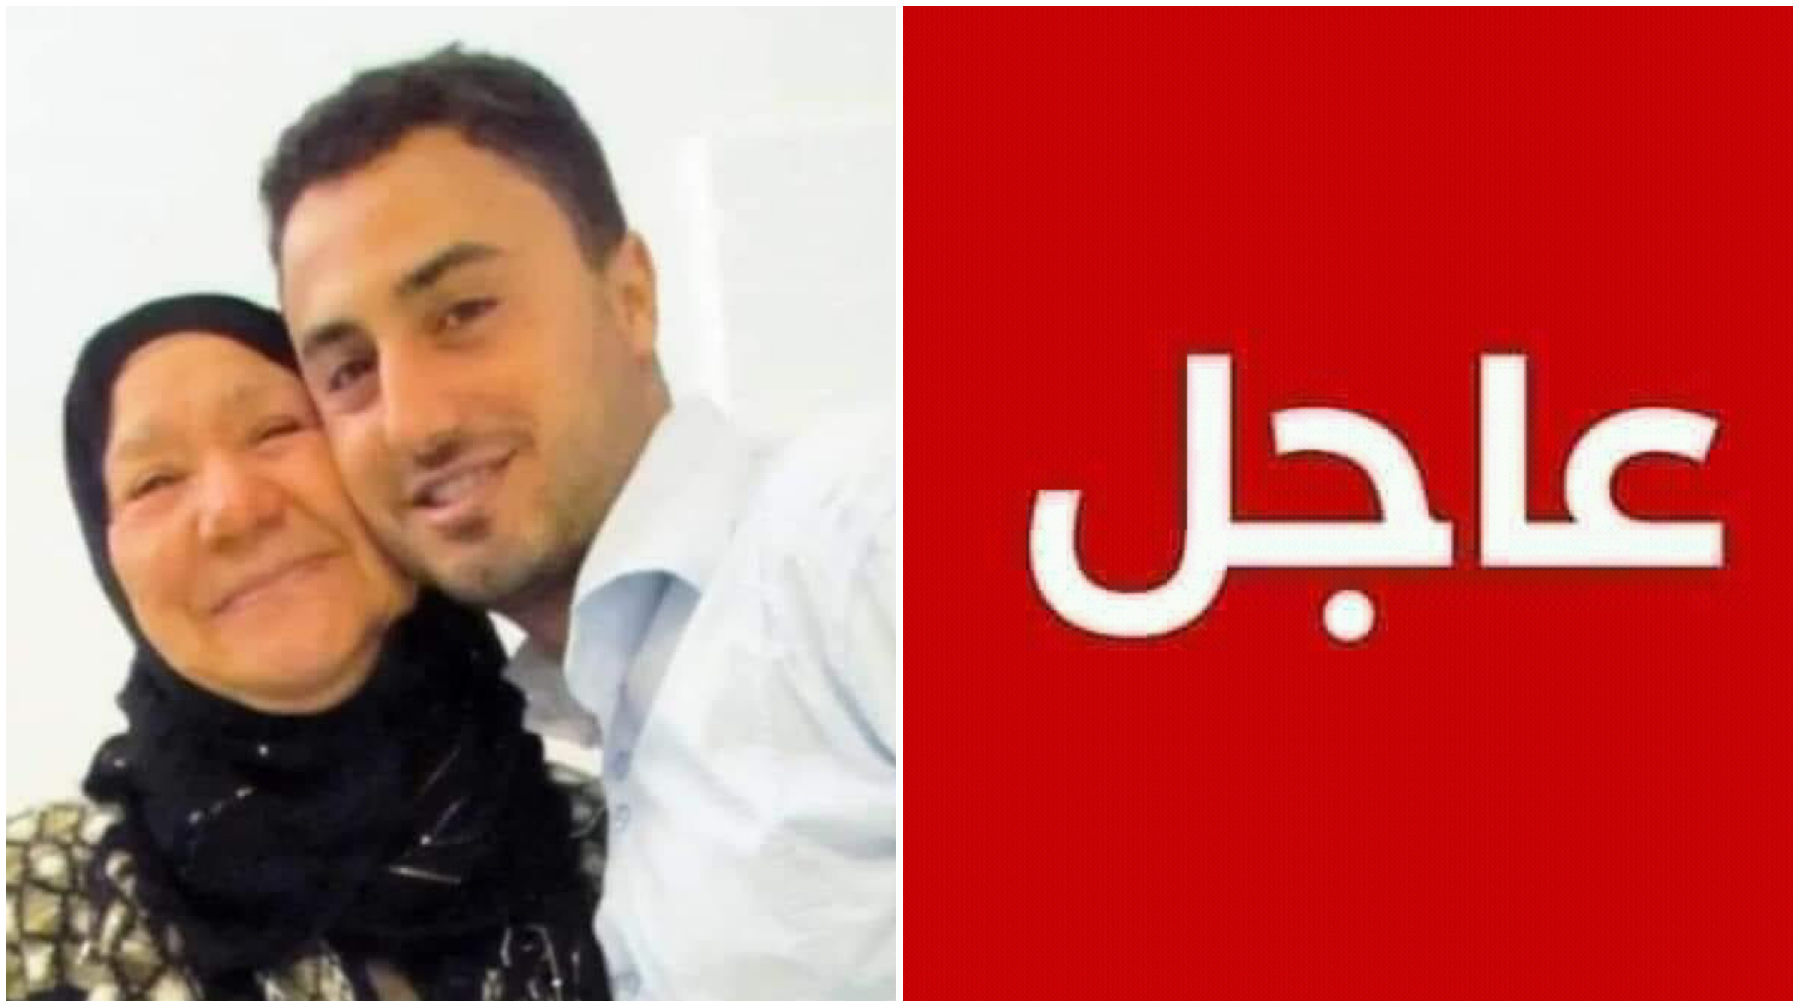 عاجل : قطر تقرر إعدام الشاب التونسي فخري الأندلسي  غدا صباحا رميا بالرصاص لهذا السبب !